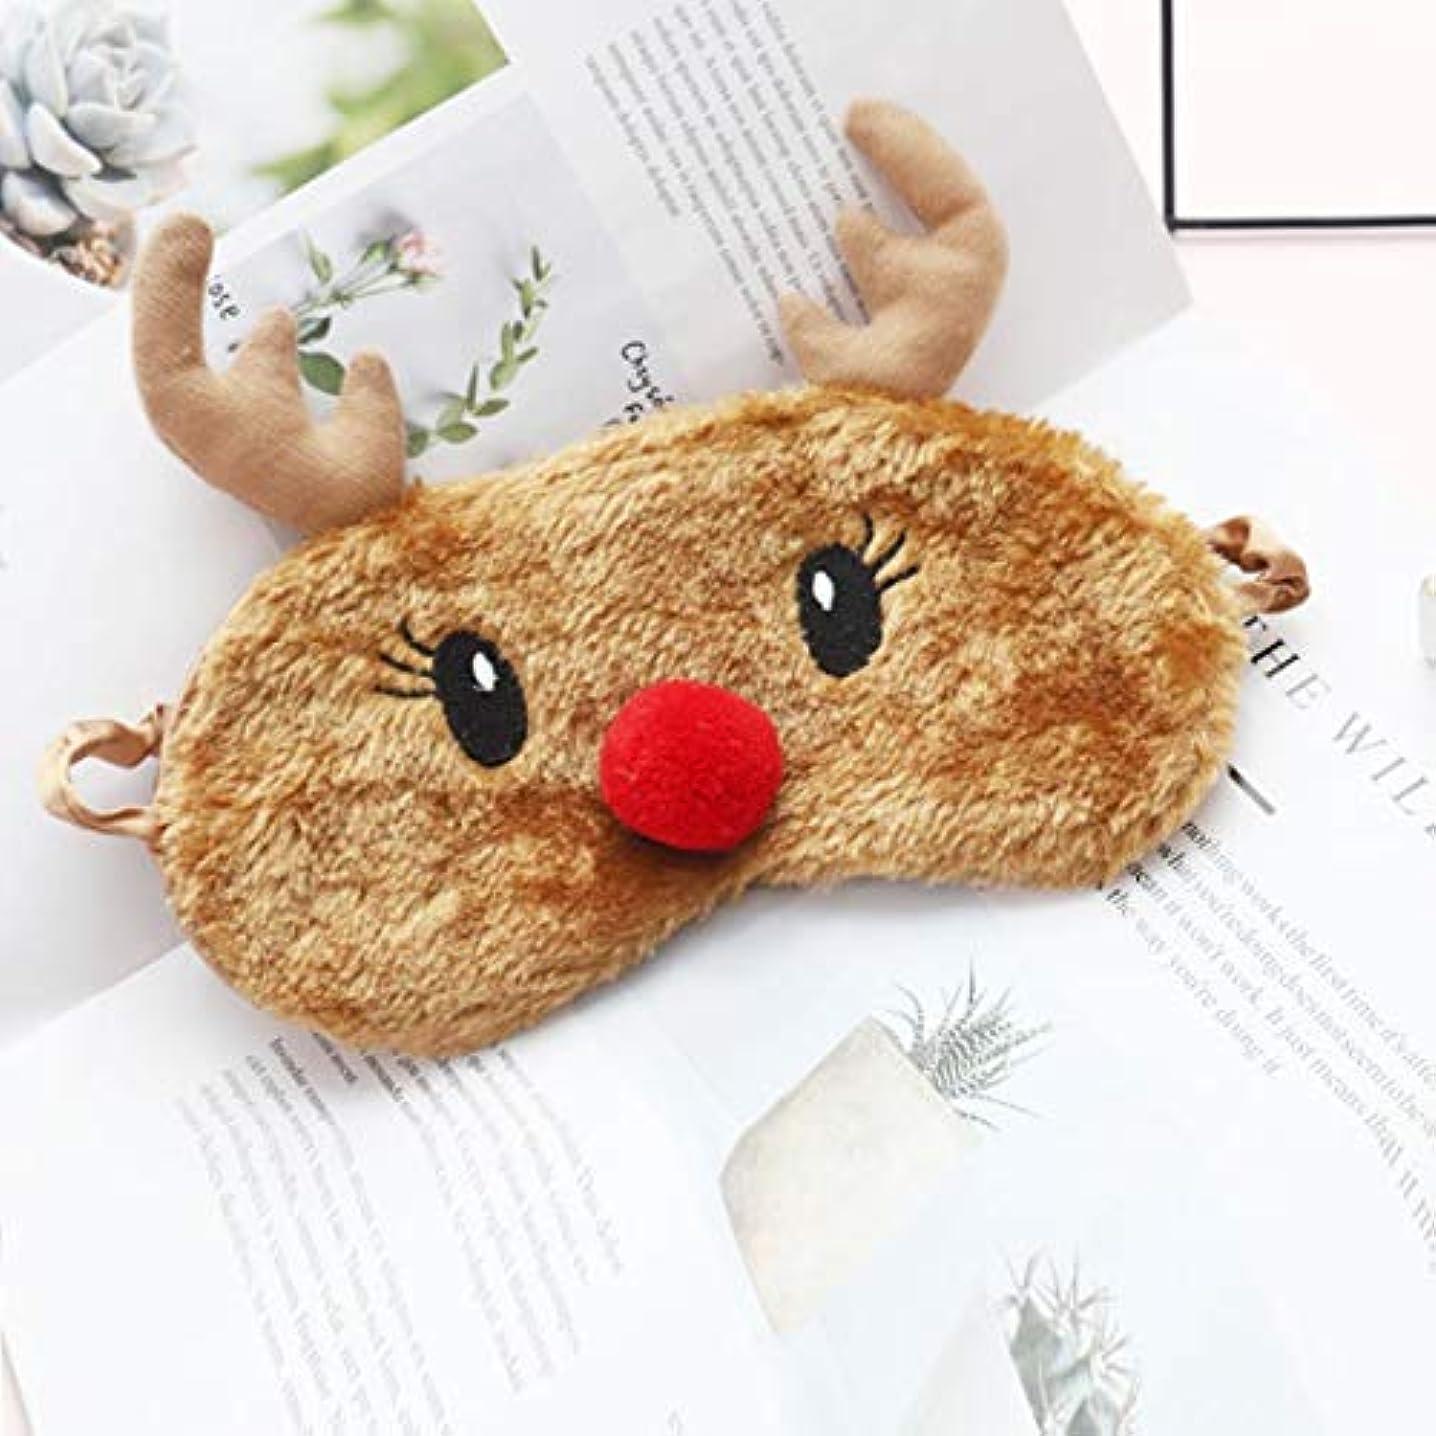 トラック目を覚ます考慮Intercoreyトナカイアイブリンダーぬいぐるみ睡眠マスククリスマス用の調整可能な睡眠マスクかわいい動物睡眠アイマスク